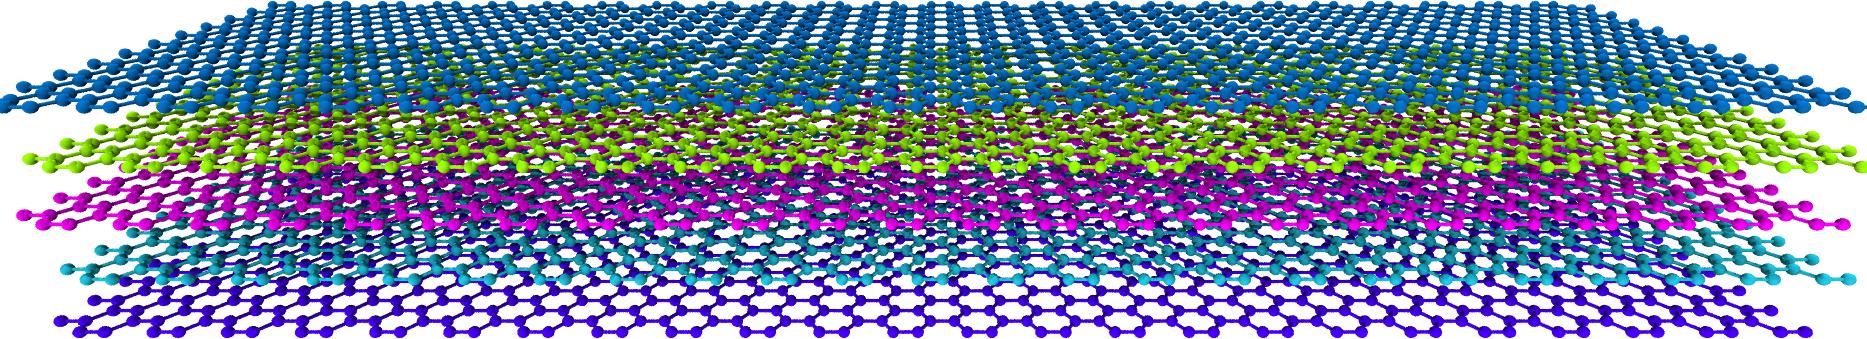 GrapheneGenerator — scikit-nano v0 4 0 dev